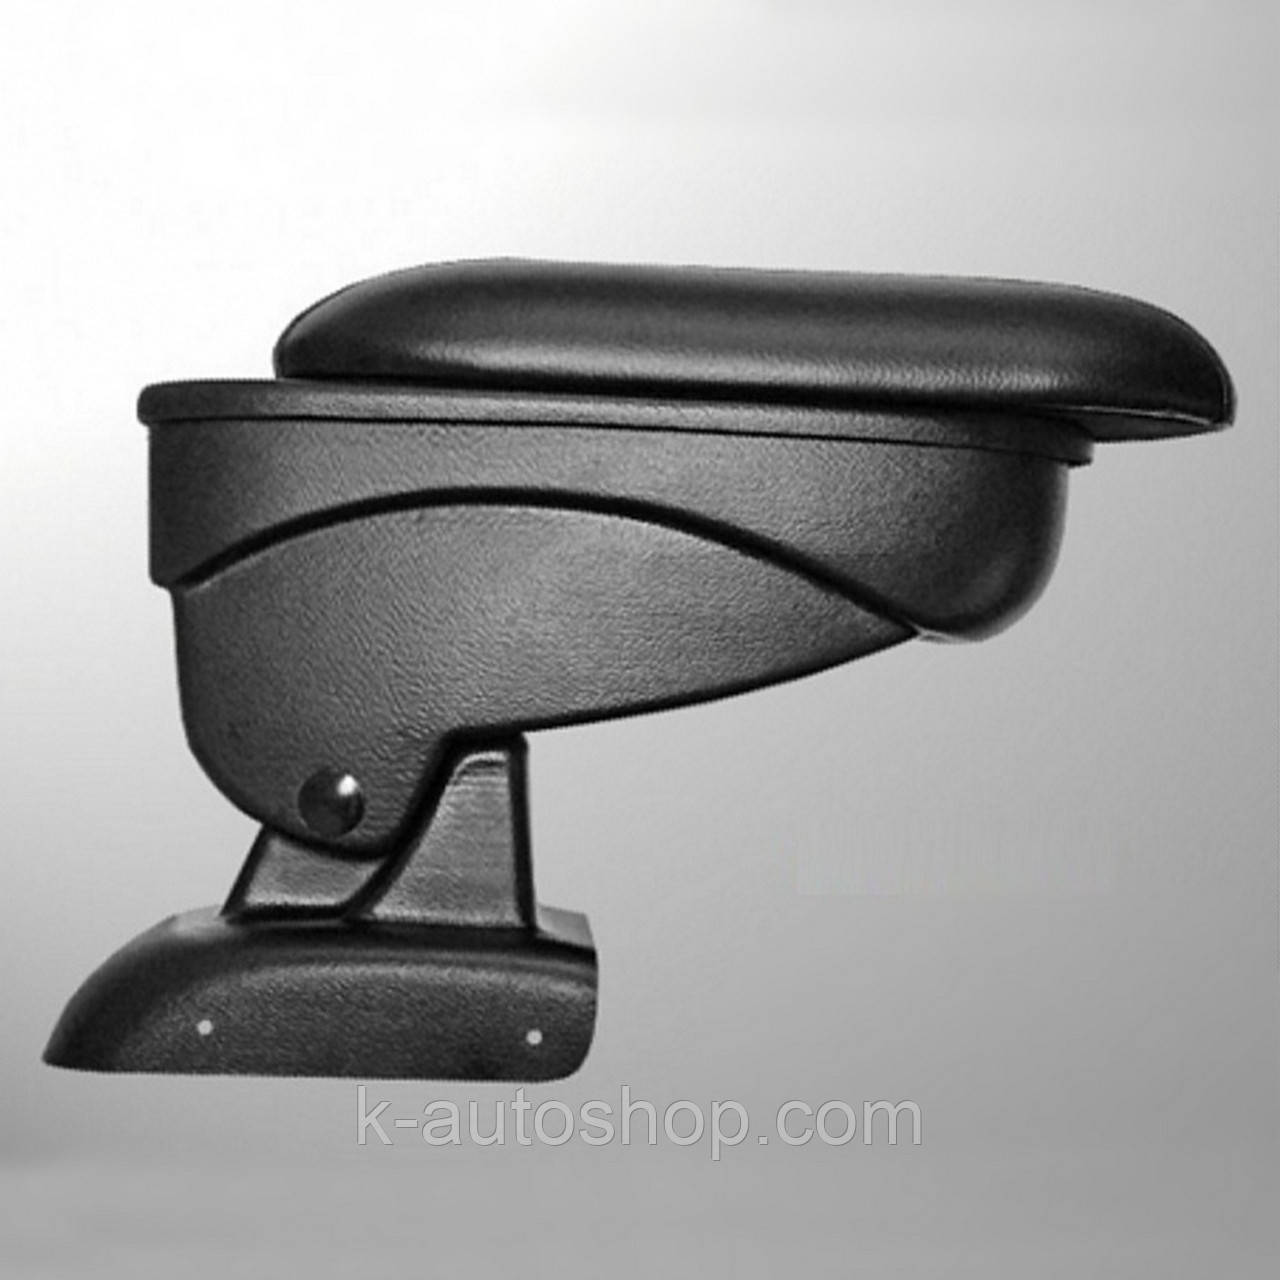 Підлокітник Armcik S1 з зсувною кришкою для Daewoo Lanos 1997>